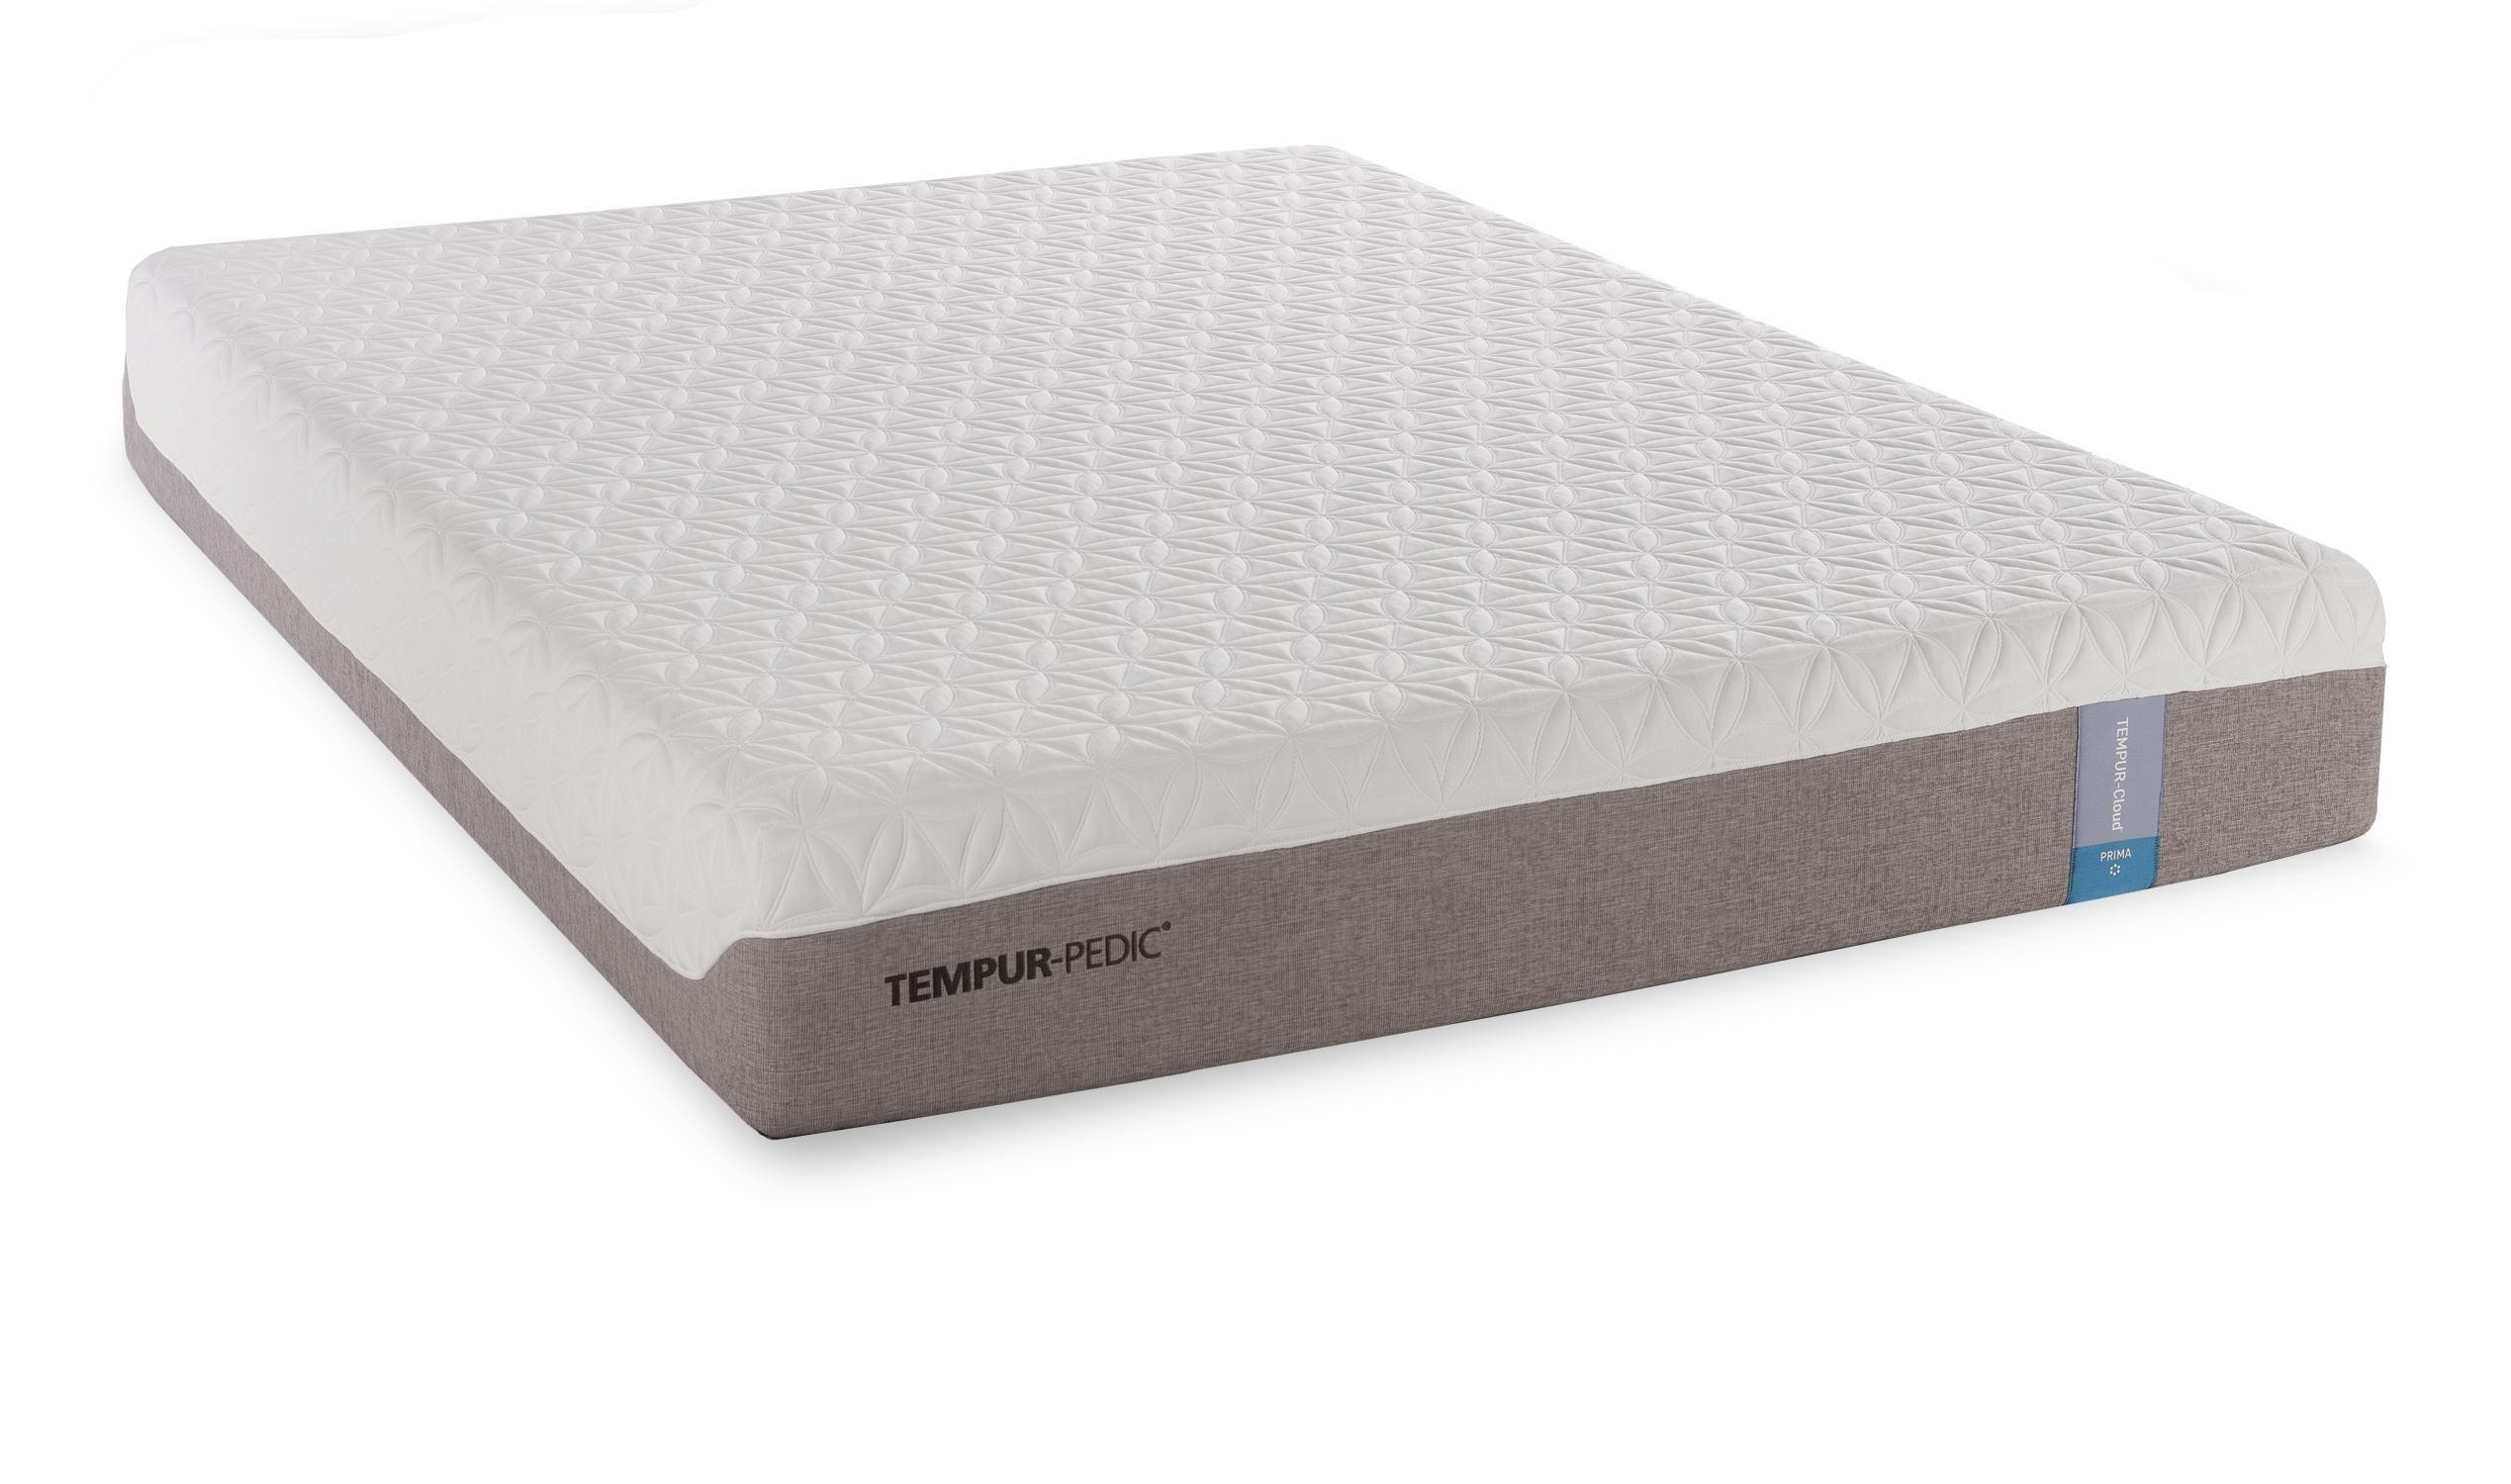 TEMPURCloud Prima Queen MediumSoft Mattress by Tempur